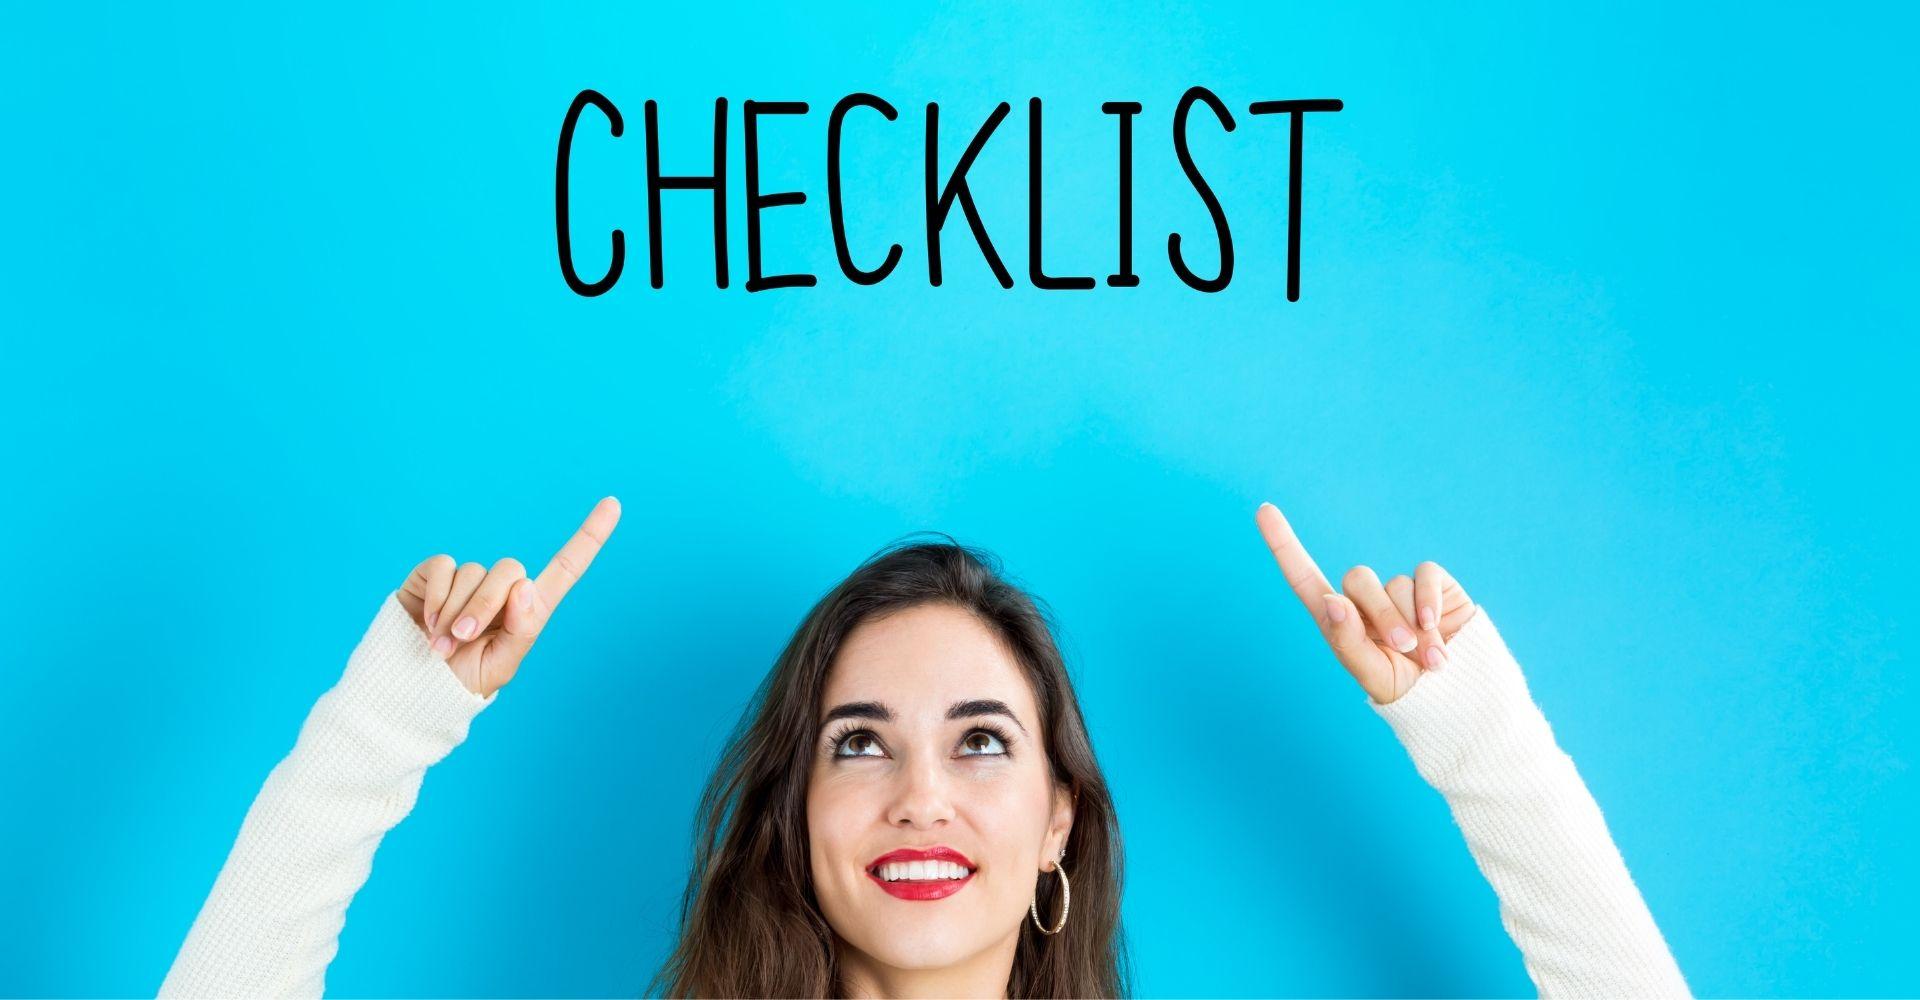 Gietvloer checklist